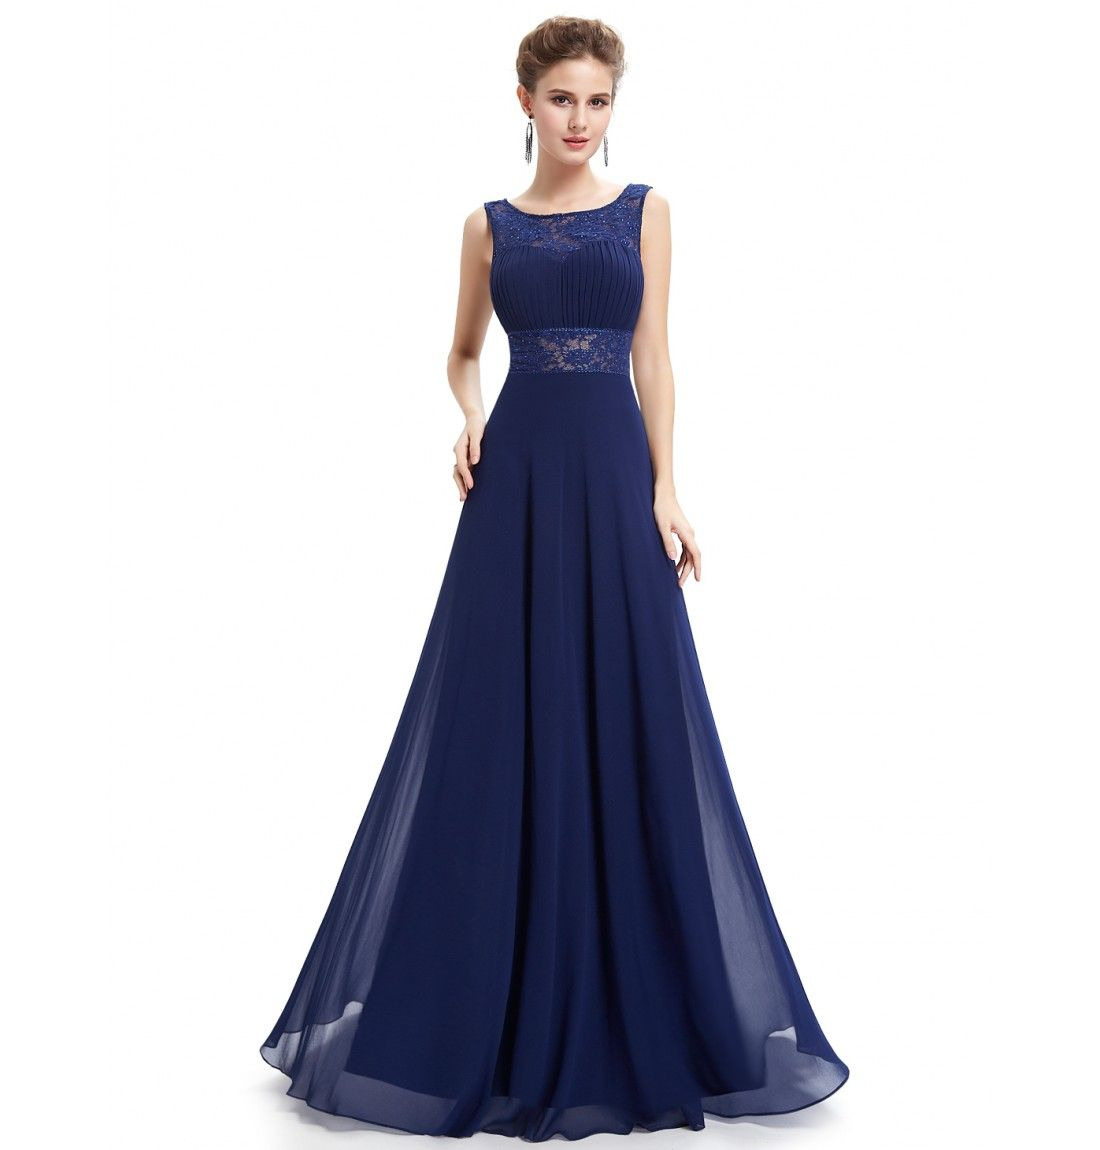 15 Spektakulär Suche Schöne Abendkleider ÄrmelFormal Erstaunlich Suche Schöne Abendkleider Vertrieb